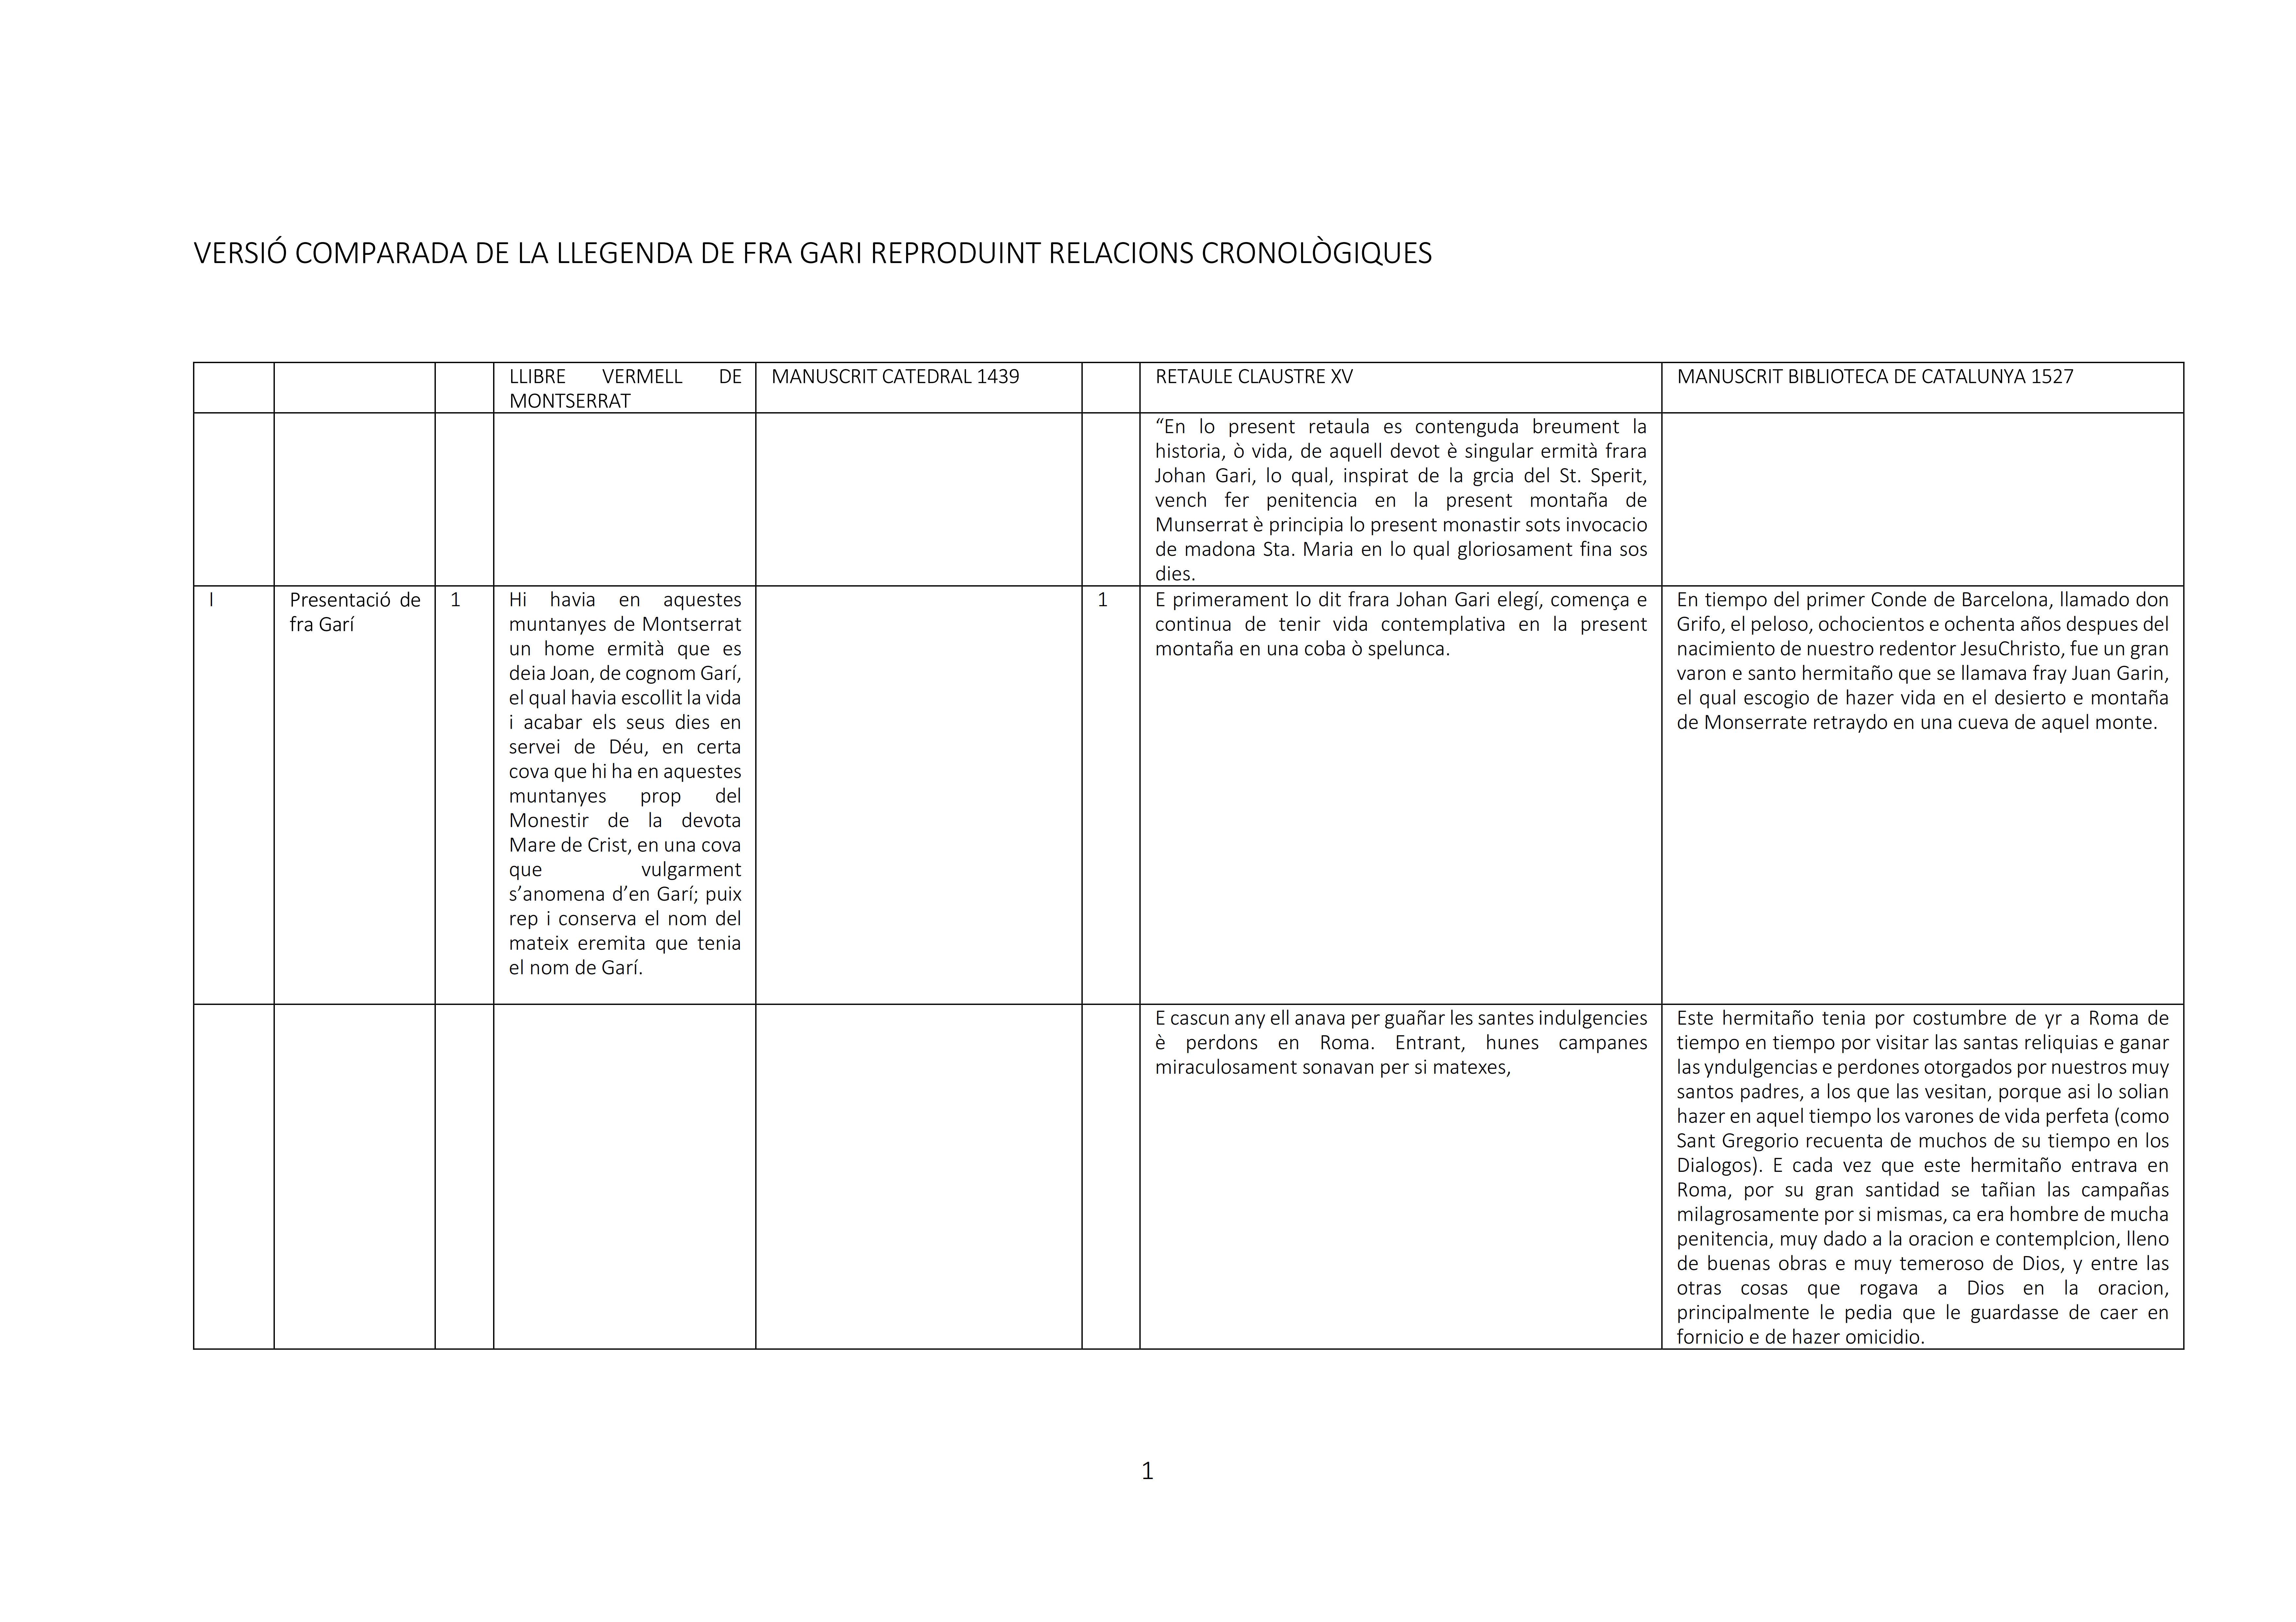 Cronologia textos_1